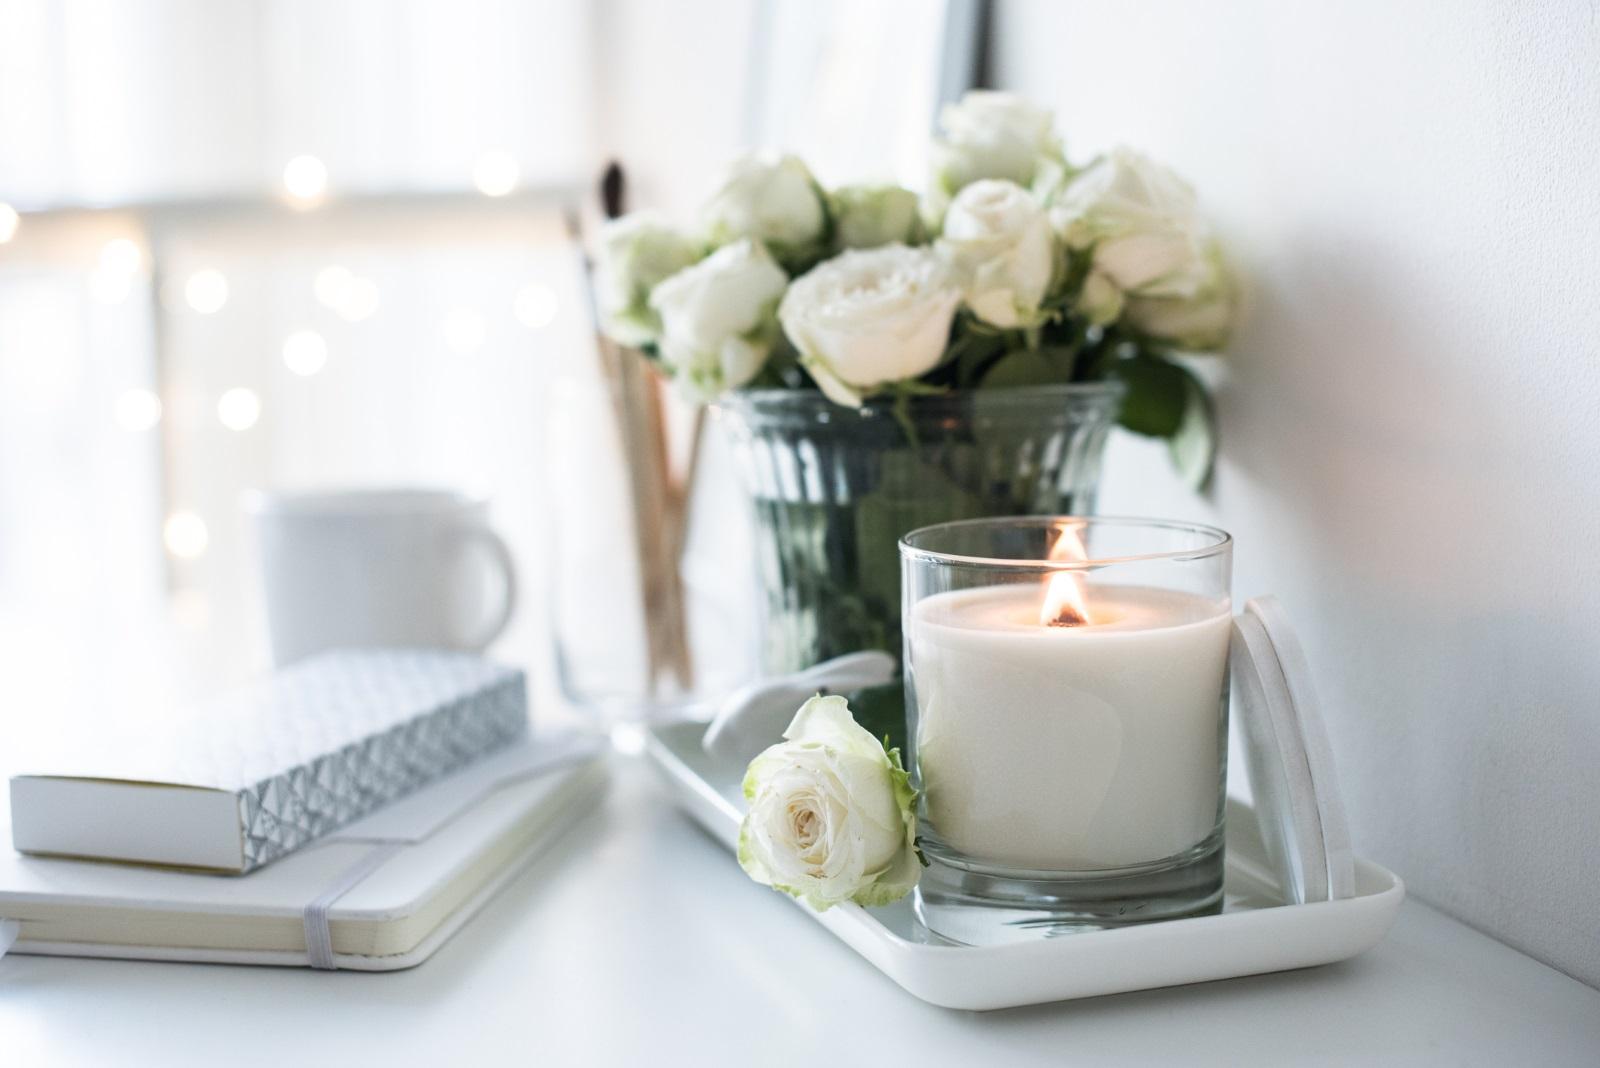 Уханието в дома: Прекалено наситеният аромат на свещи или ароматизатор е отблъскващ, смятат специалистите. Освен това създава усещането, че домакините искат да скрият нещо.